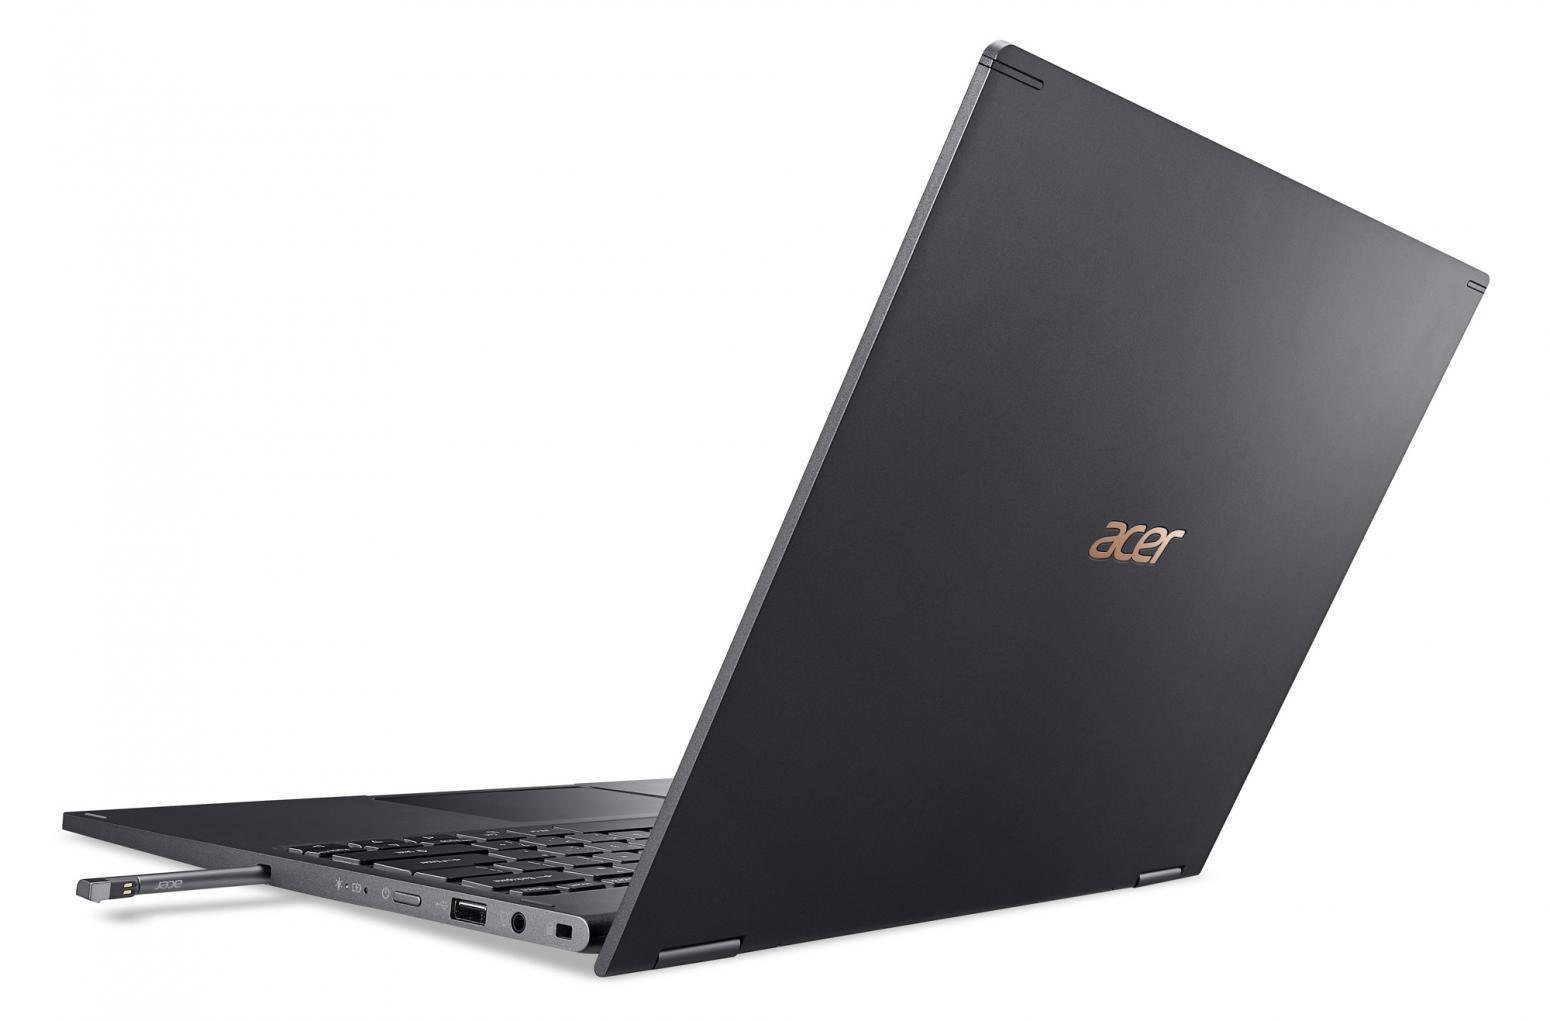 Ordinateur portable Acer Spin 5 SP513-54N-58VU Gris - QHD Tactile, Stylet - photo 9